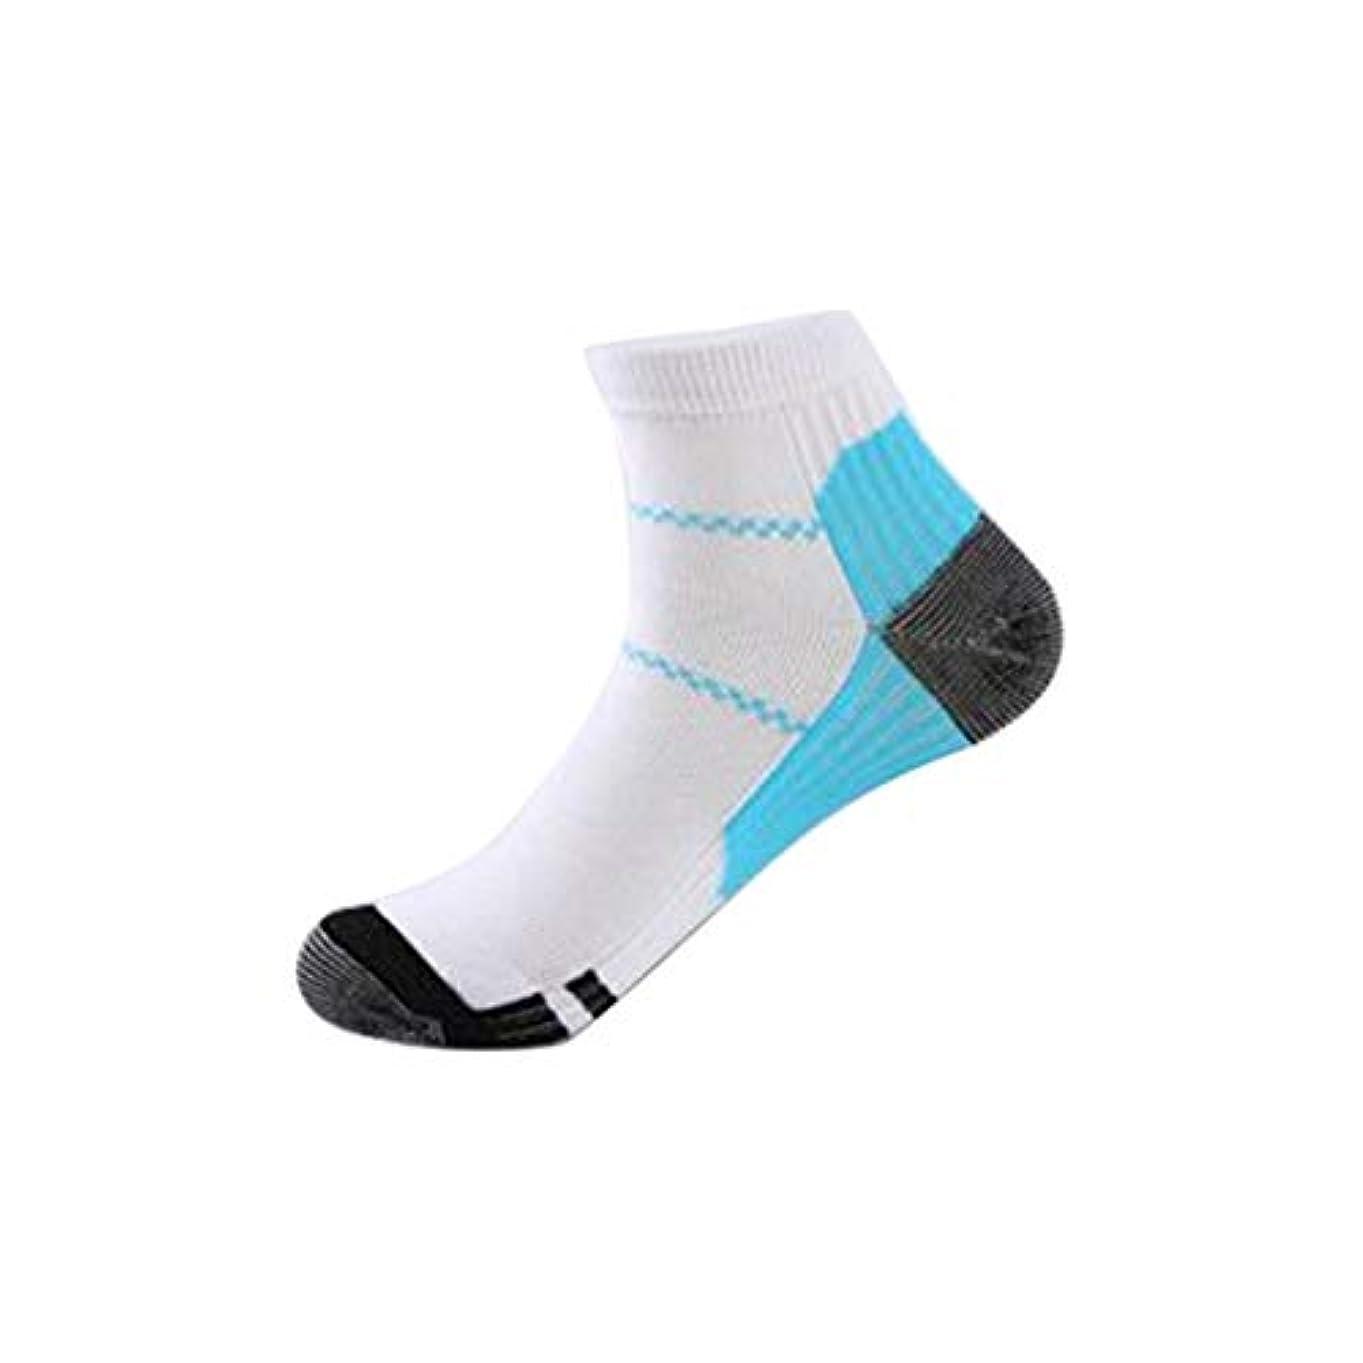 出します蚊血色の良い快適な男性女性ファッション短いストレッチ圧縮靴下膝ソックスサポートストレッチ通気性ソックス - ホワイト&ブルーS/M